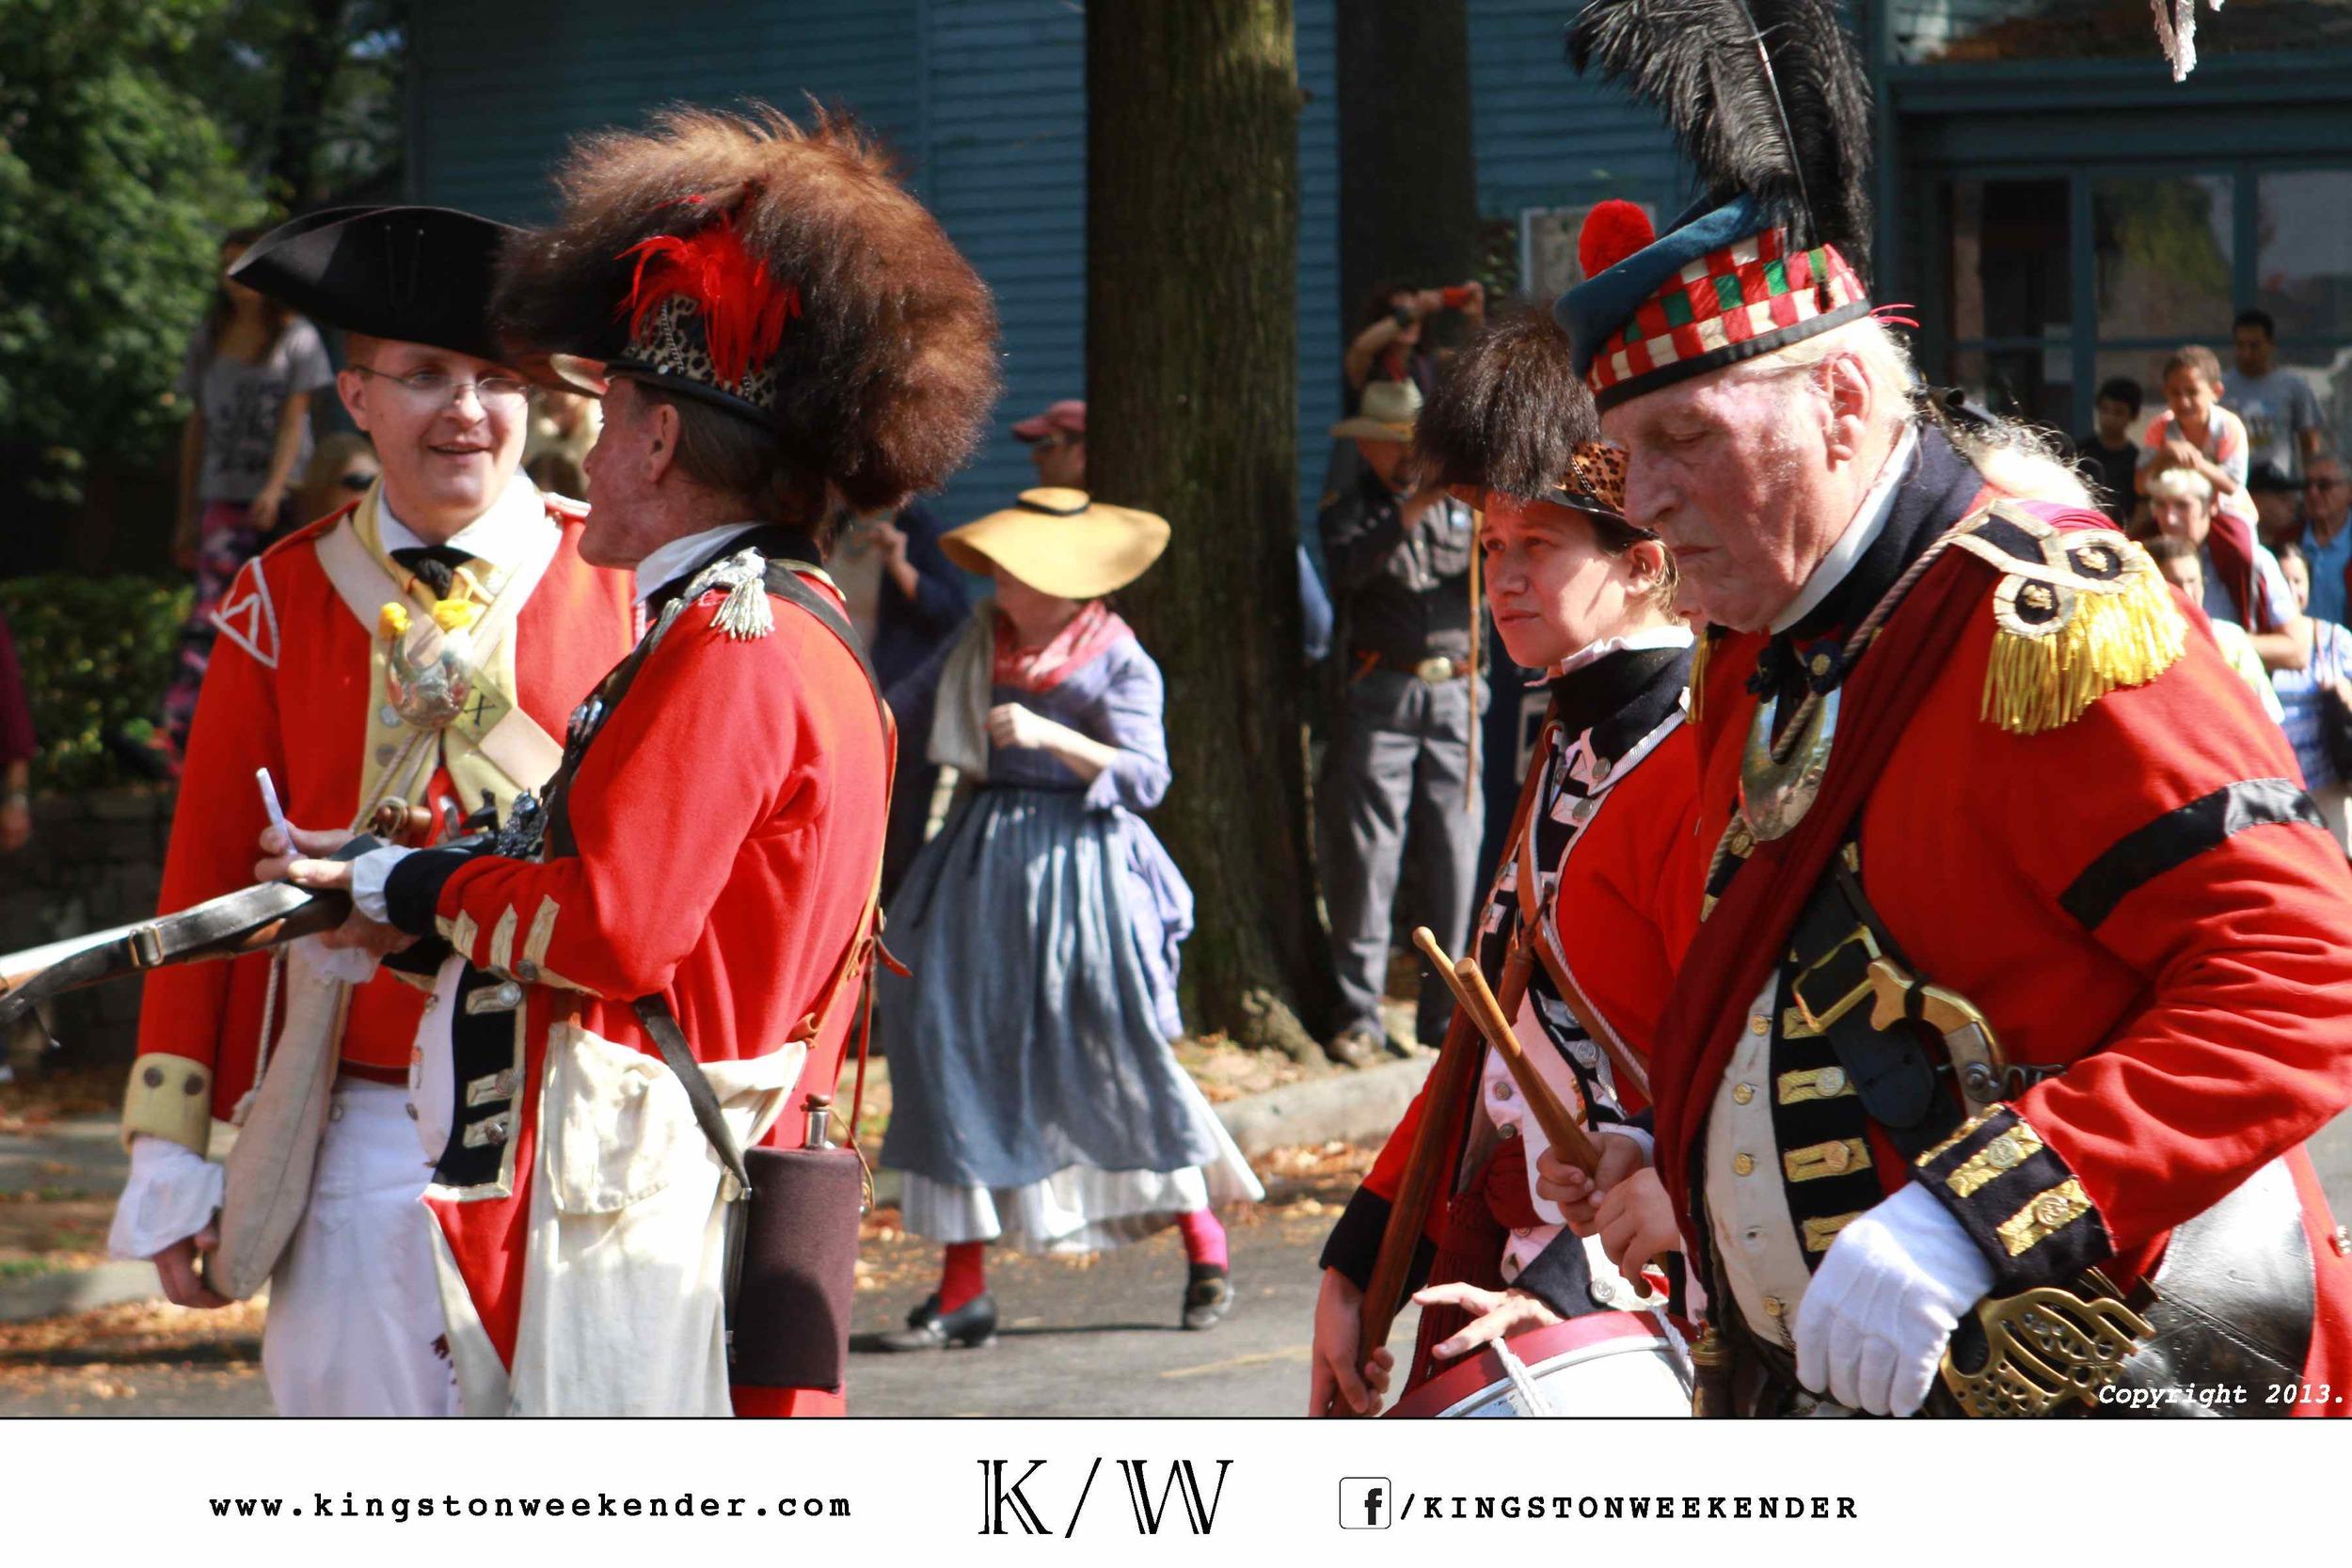 kingston-weekender-photo-credits51.jpg